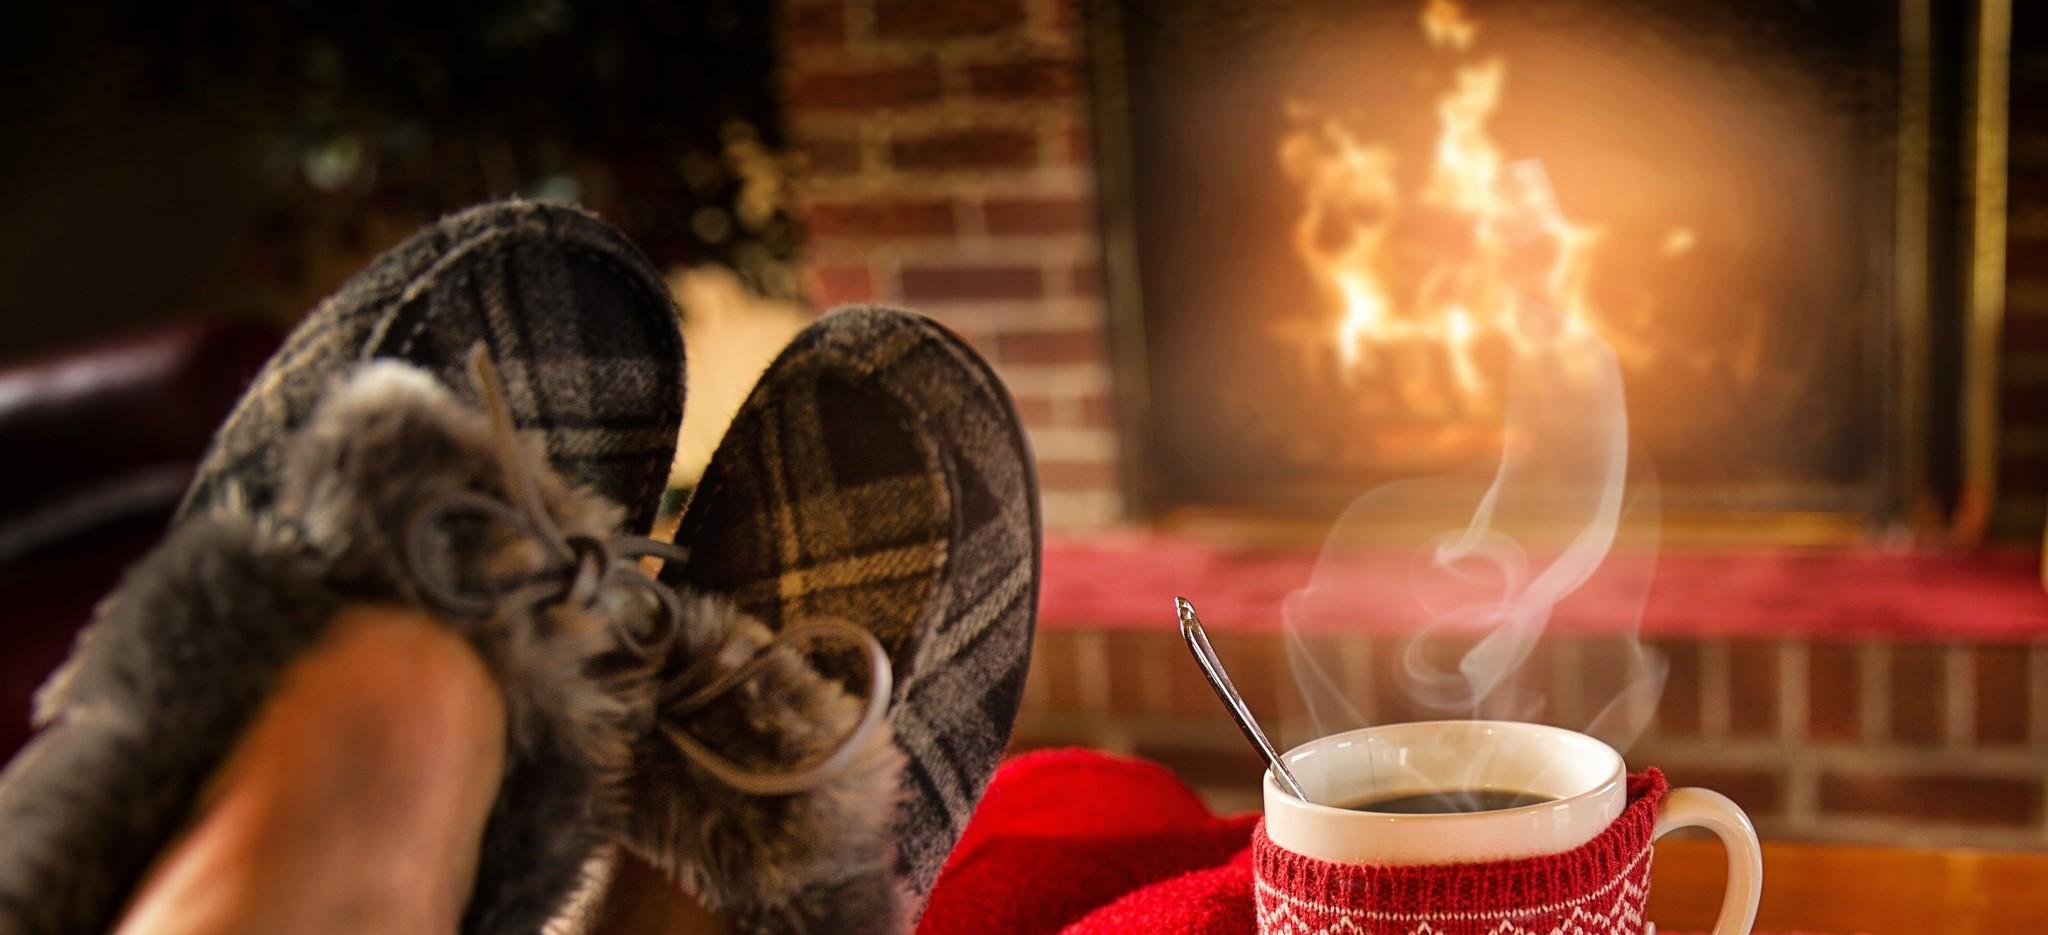 Maak je klaar voor de winter - Hot Gin om je warm te houden